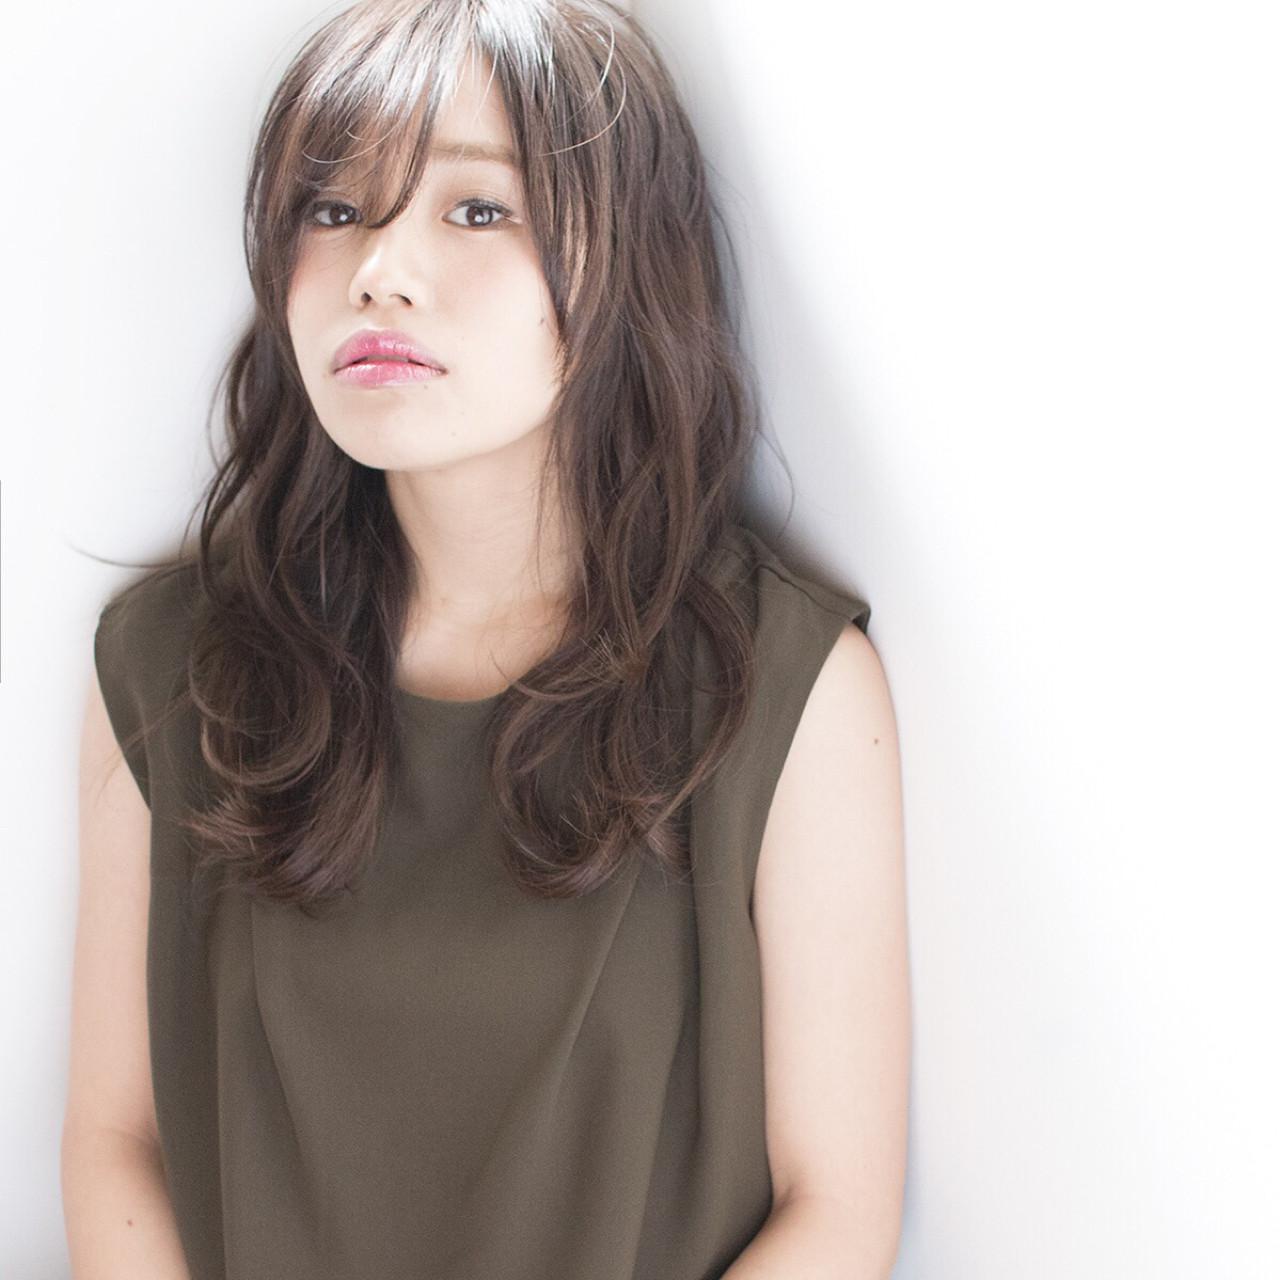 透明感 外国人風 ゆるふわ セミロング ヘアスタイルや髪型の写真・画像 | 吉岡 久美子 / Ravo HAIR / Ravo HAIR